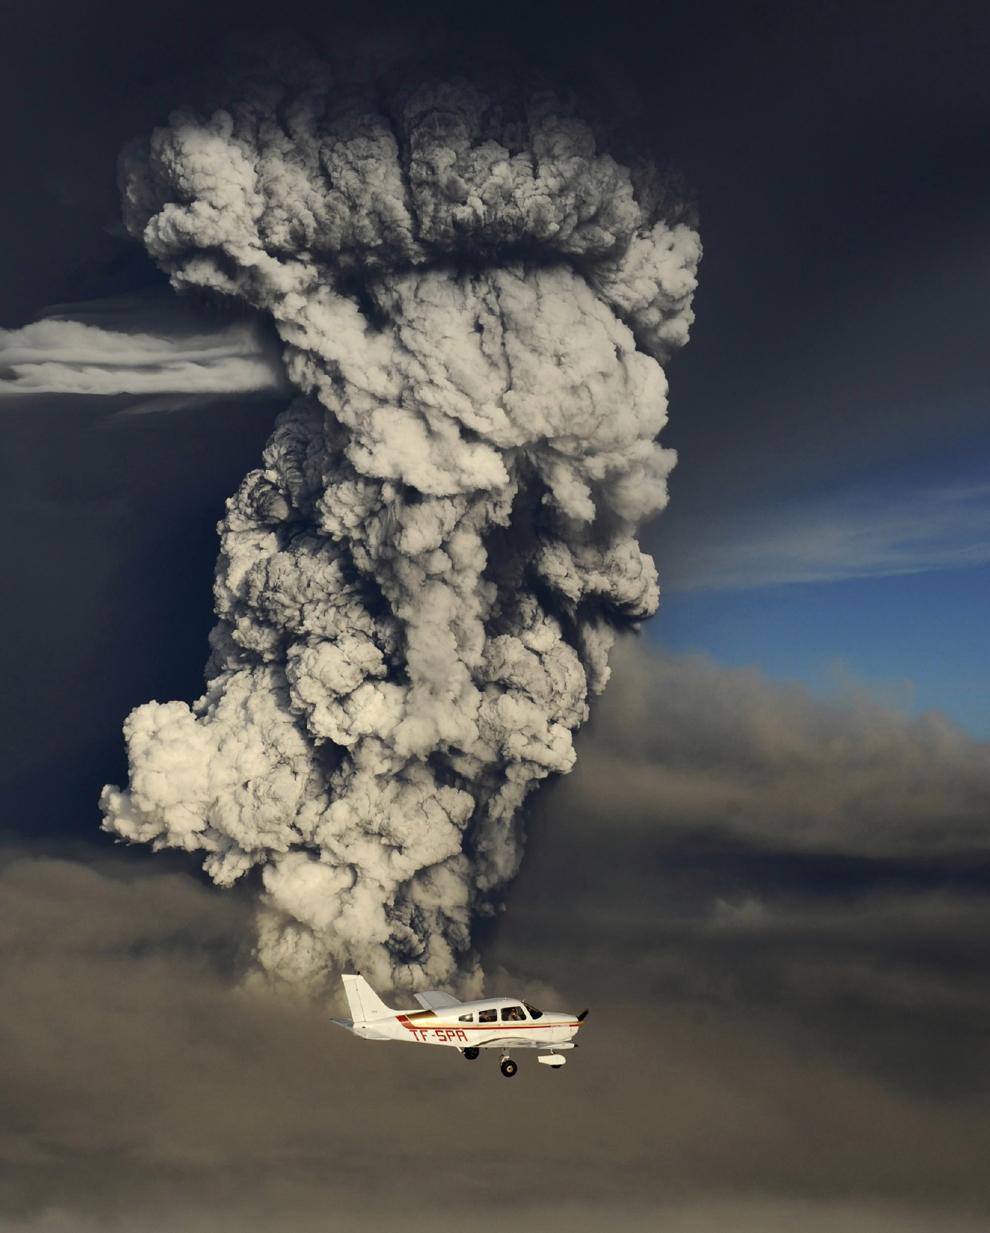 Un avion léger devant le panache de cendres du volcan Grimsvotn